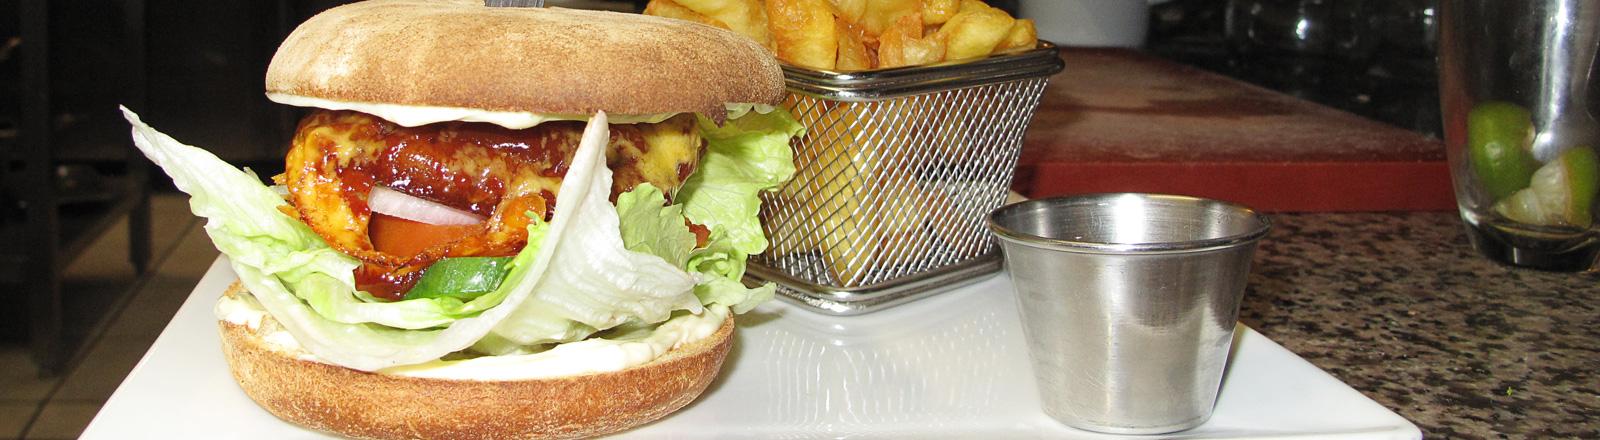 Ein Burger, der zum Teil aus Insekten besteht, steht am 24.02.2016 in Brüssel (Belgien) in einem Restaurant.